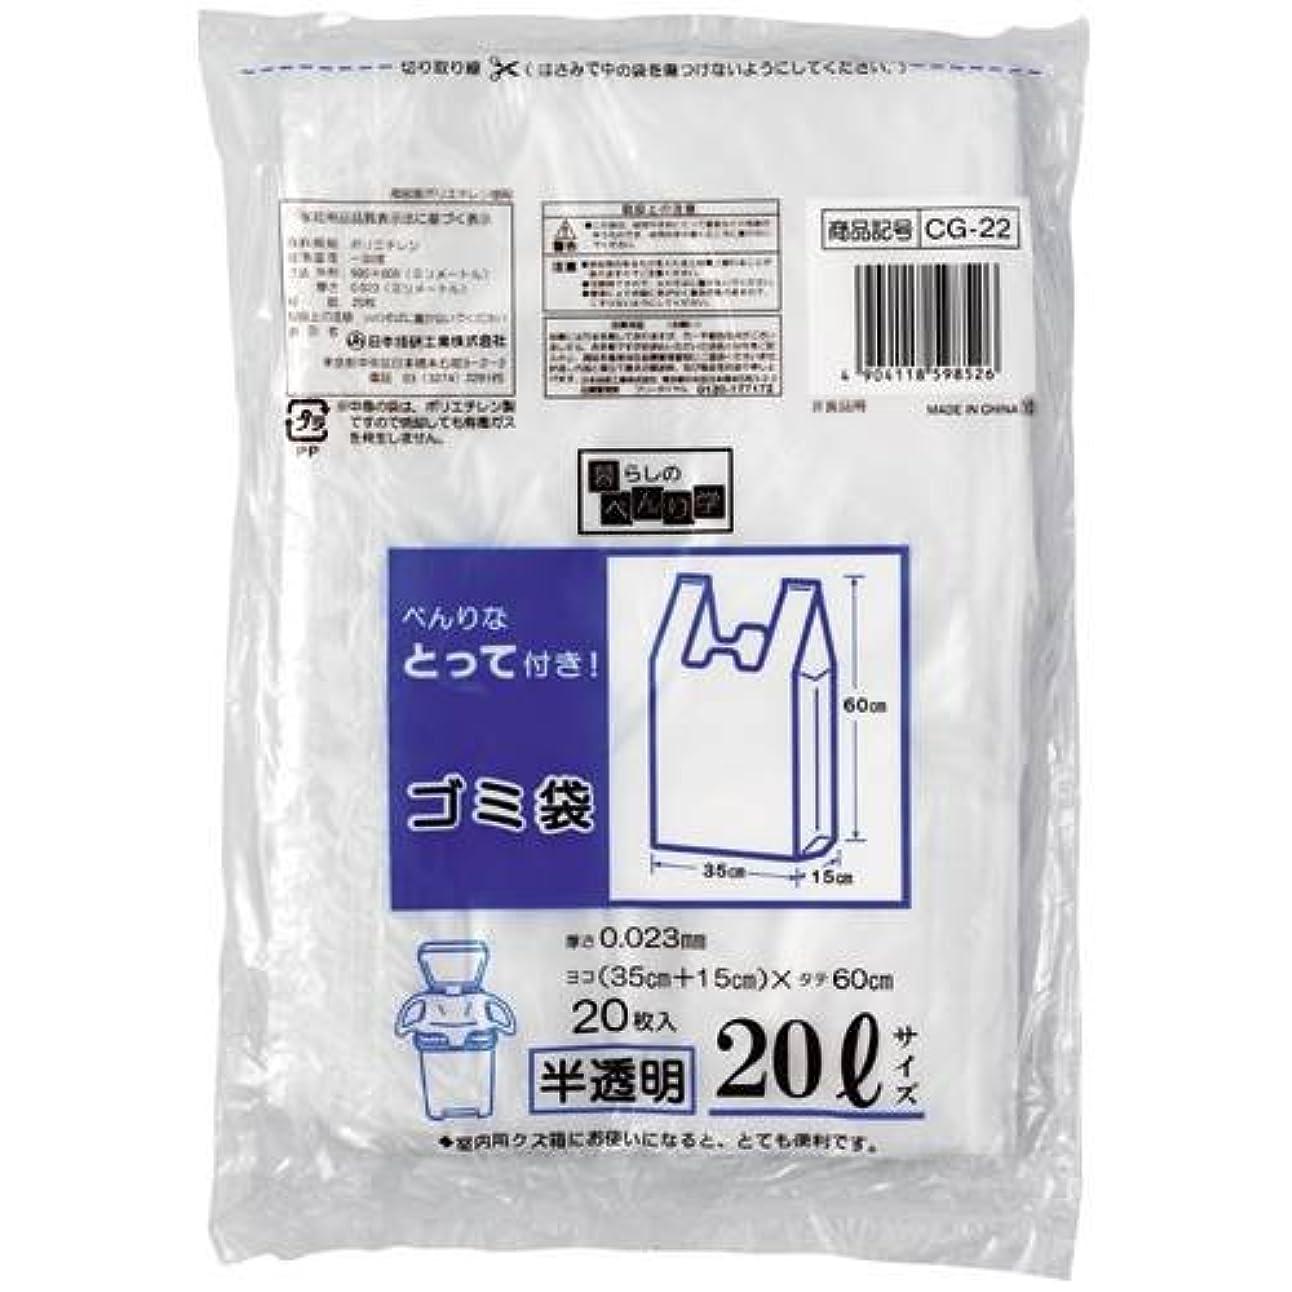 動く足枷お互い暮らしのべんり学 とって付きゴミ袋 半透明 20L 20枚入